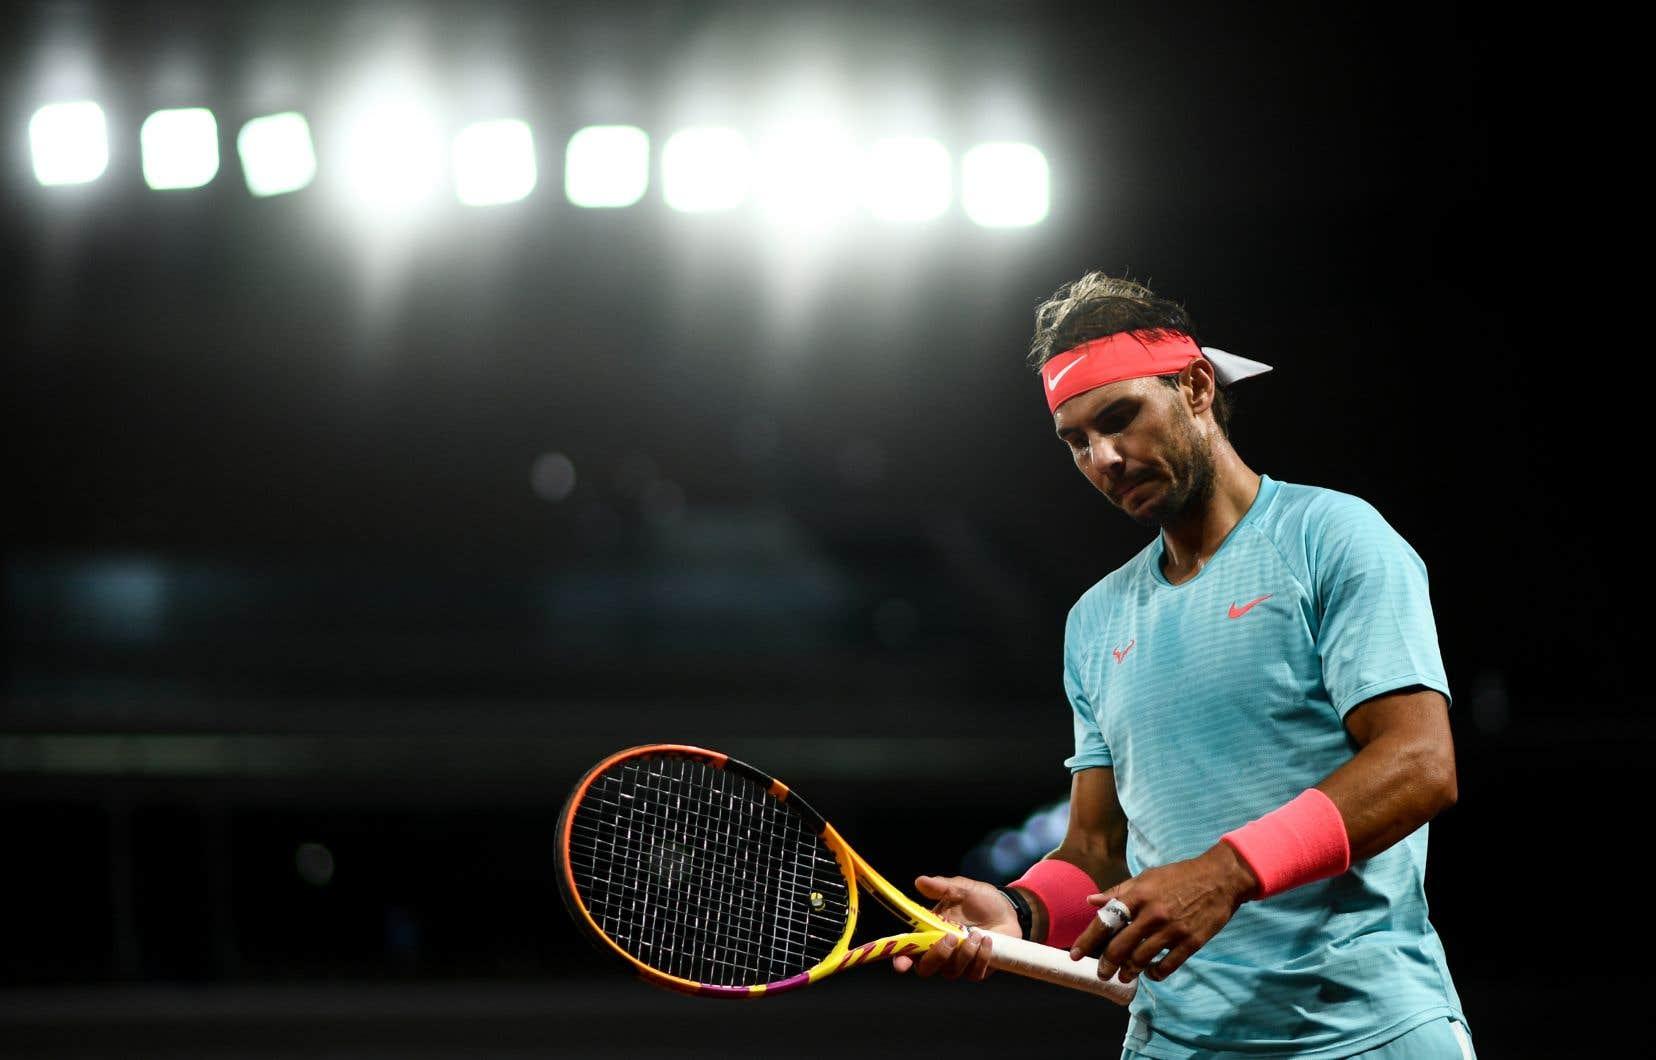 RafaelNadal l'a emporté 7-6 (4), 6-4, 6-1 pour atteindre les demi-finales à Roland-Garros pour une 13efois, un record.